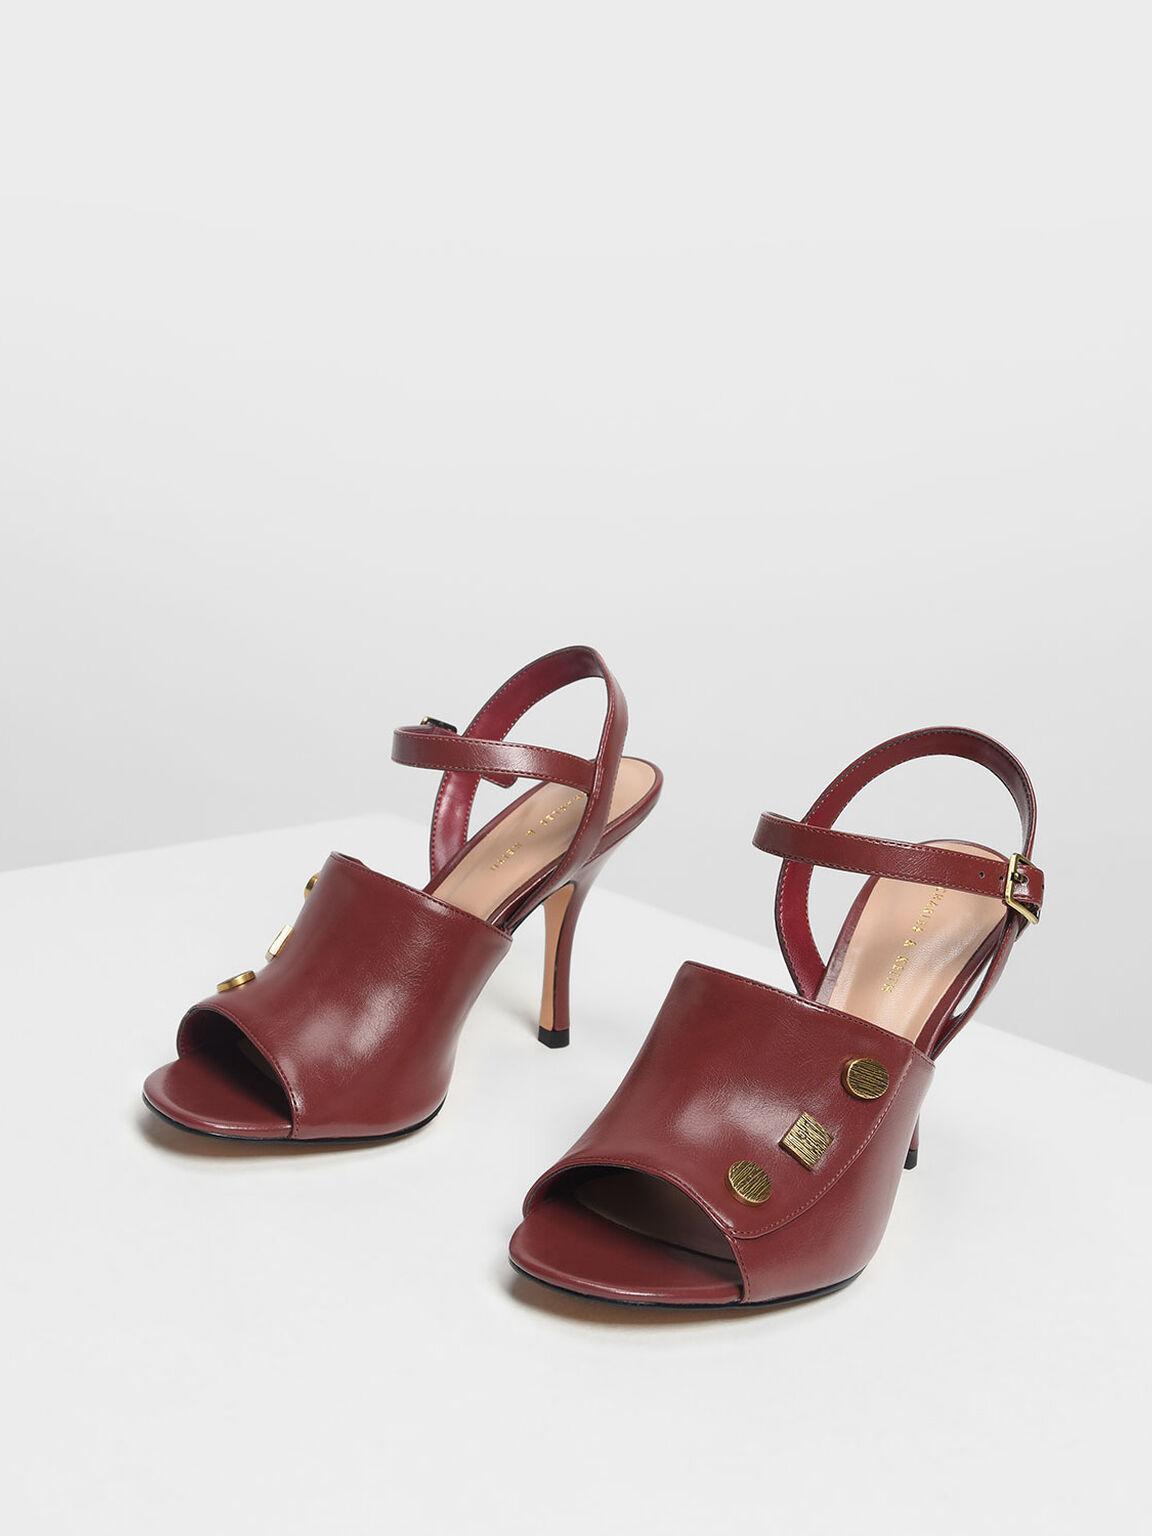 Vintage Button Heeled Sandals, Burgundy, hi-res